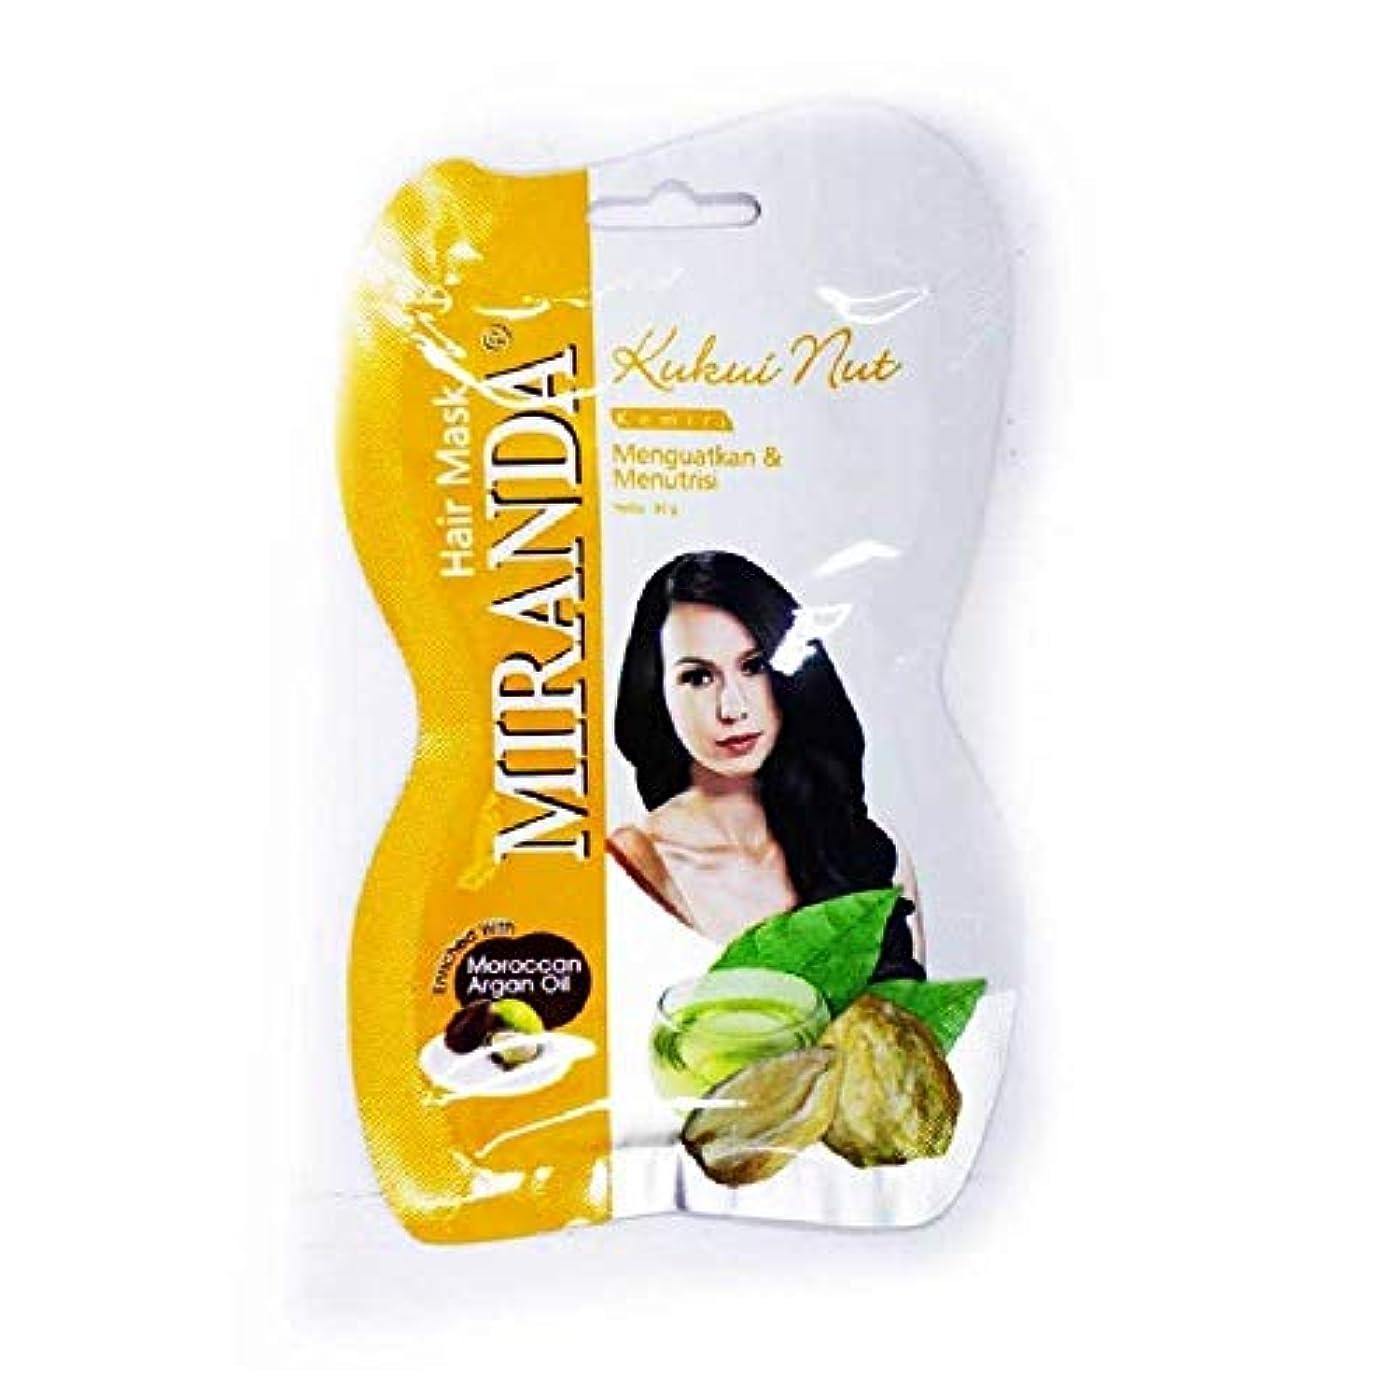 比較的警告平等ミランダ ニュートリ ヘア オイル アルガンオイル&ククイナッツ イエロー ククイナッツ髪質改善、髪を強くする効果 パンテノール、ビタミンA&E 配合 MIRANDA HAIR MASK KUKUI NUT OIL SACHET